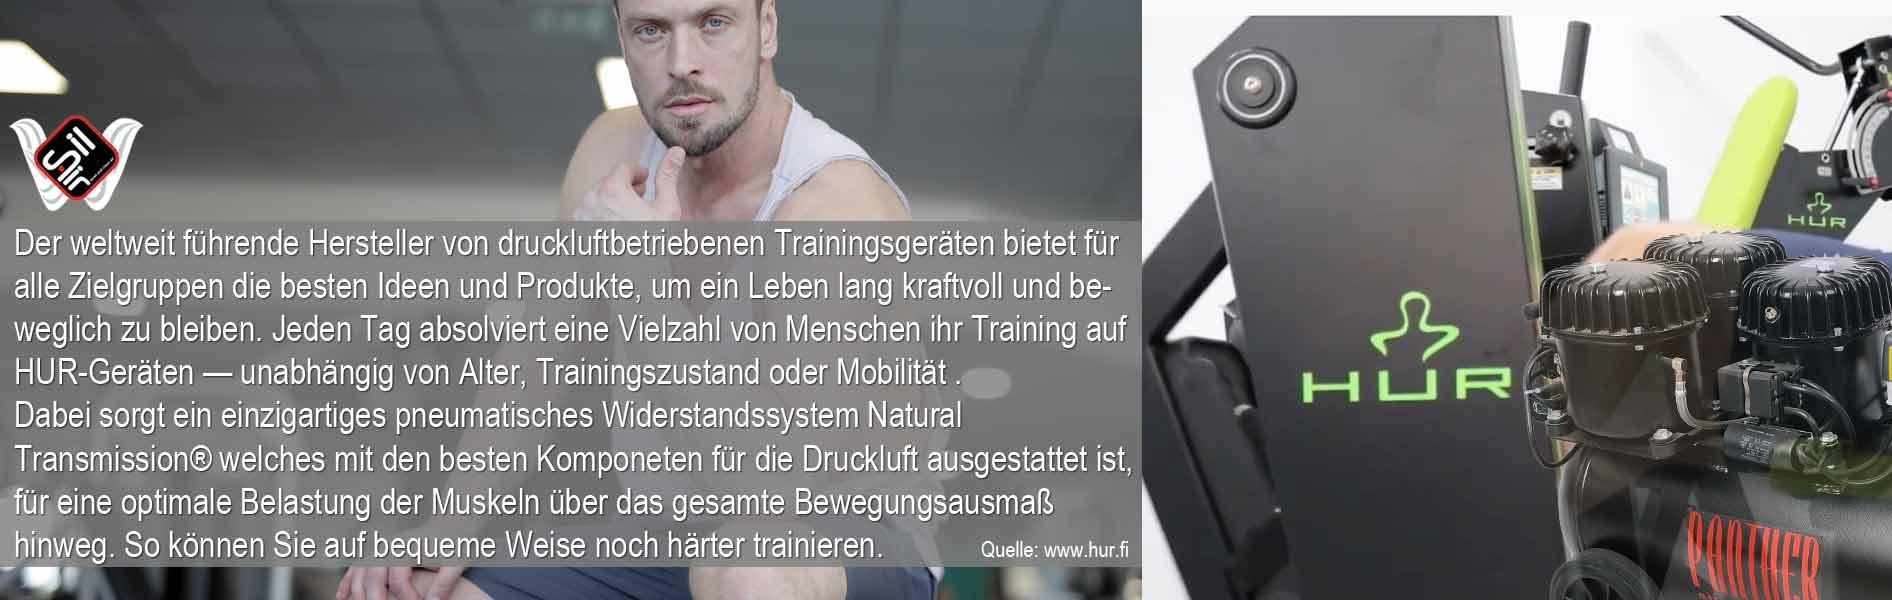 Kompressoren zum Betreiben von Hur Fitness Trainings Geräten